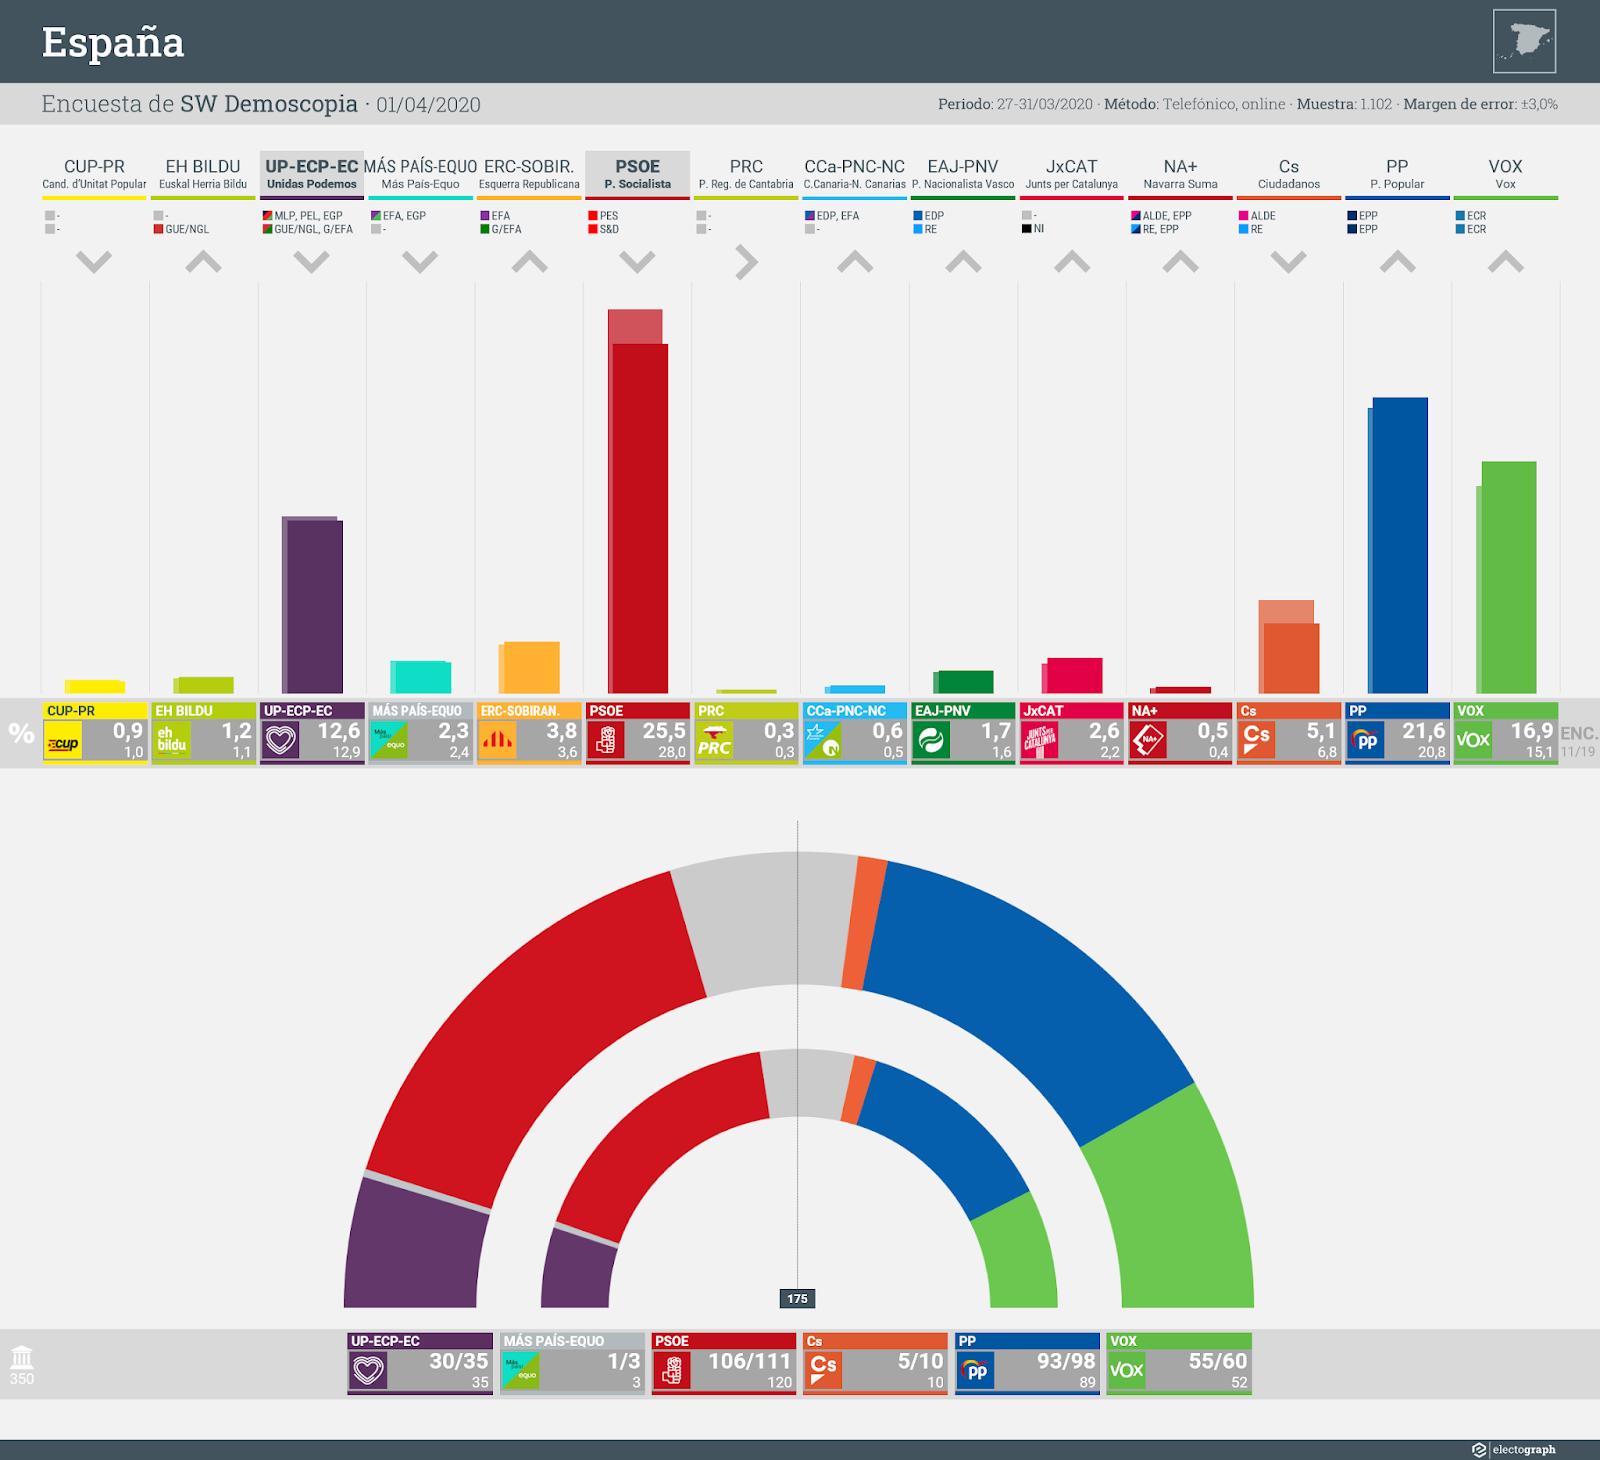 Gráfico de la encuesta para elecciones generales en España realizada por SW Demoscopia, 1 de abril de 2020